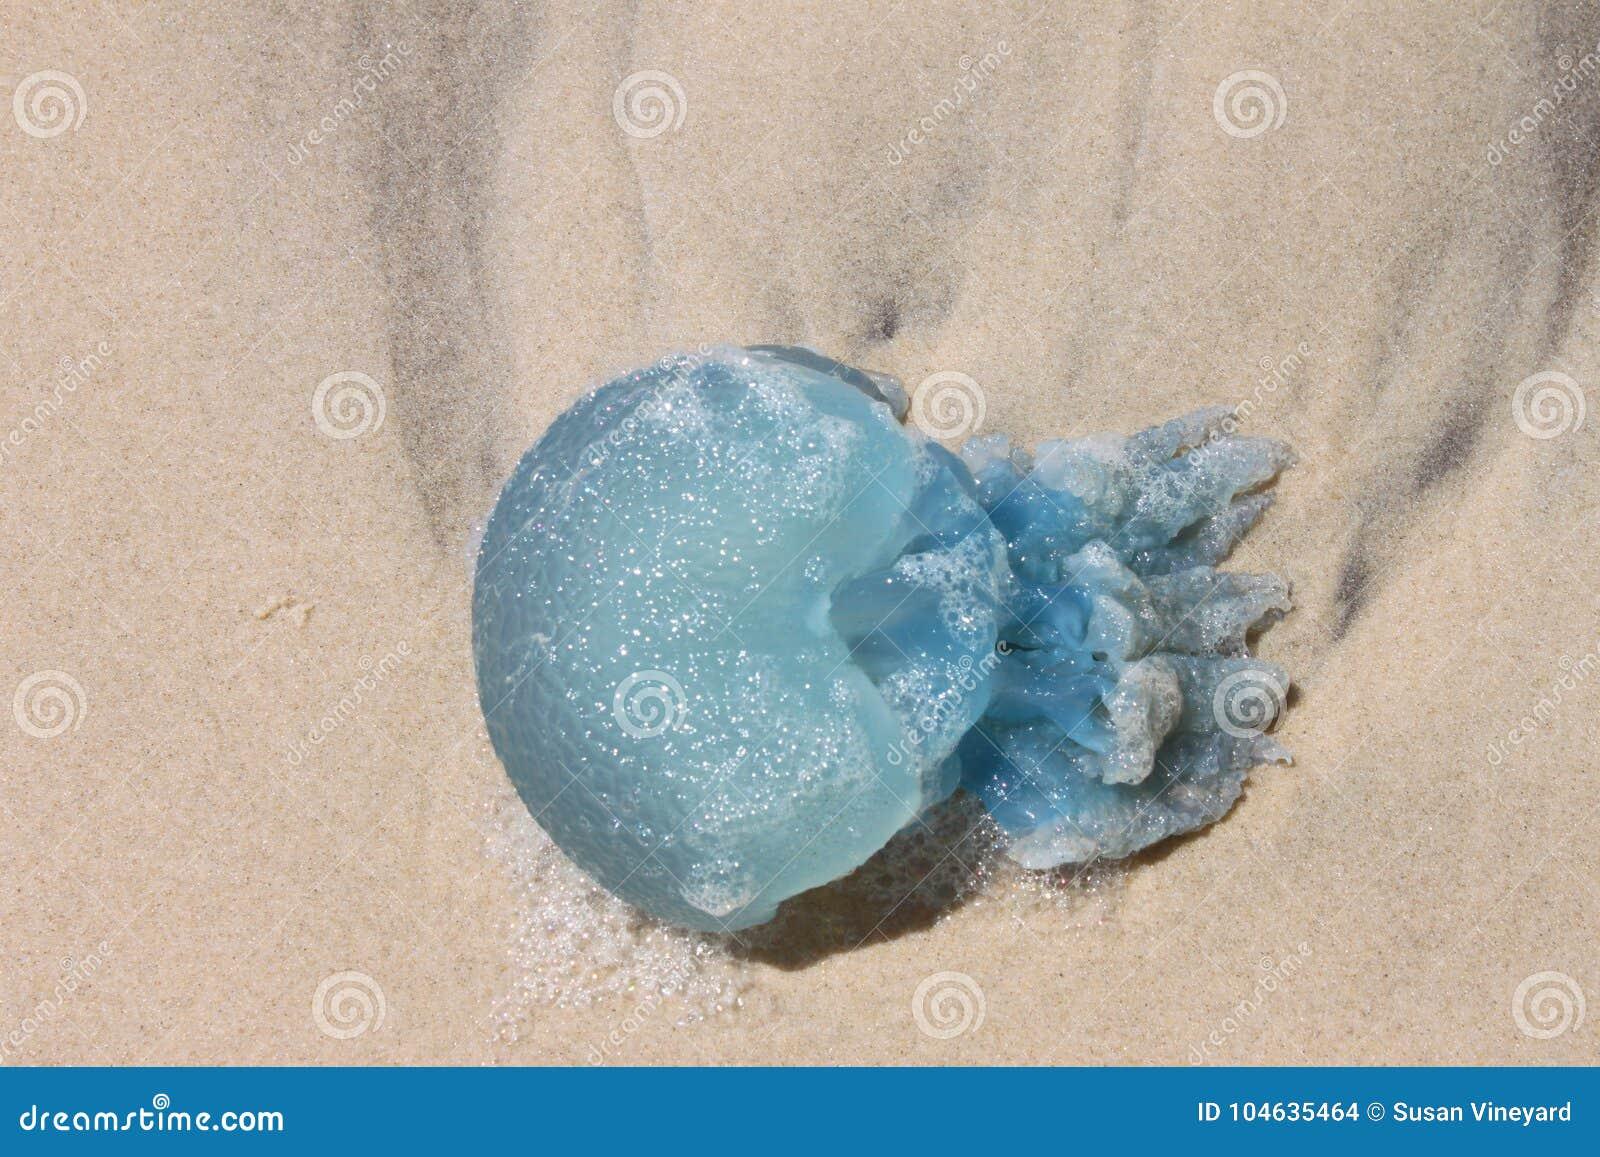 Download De Gevaarlijke Blauwe Kwallen Wasten Omhoog Op Het Strand Stock Foto - Afbeelding bestaande uit gelei, schoonheid: 104635464